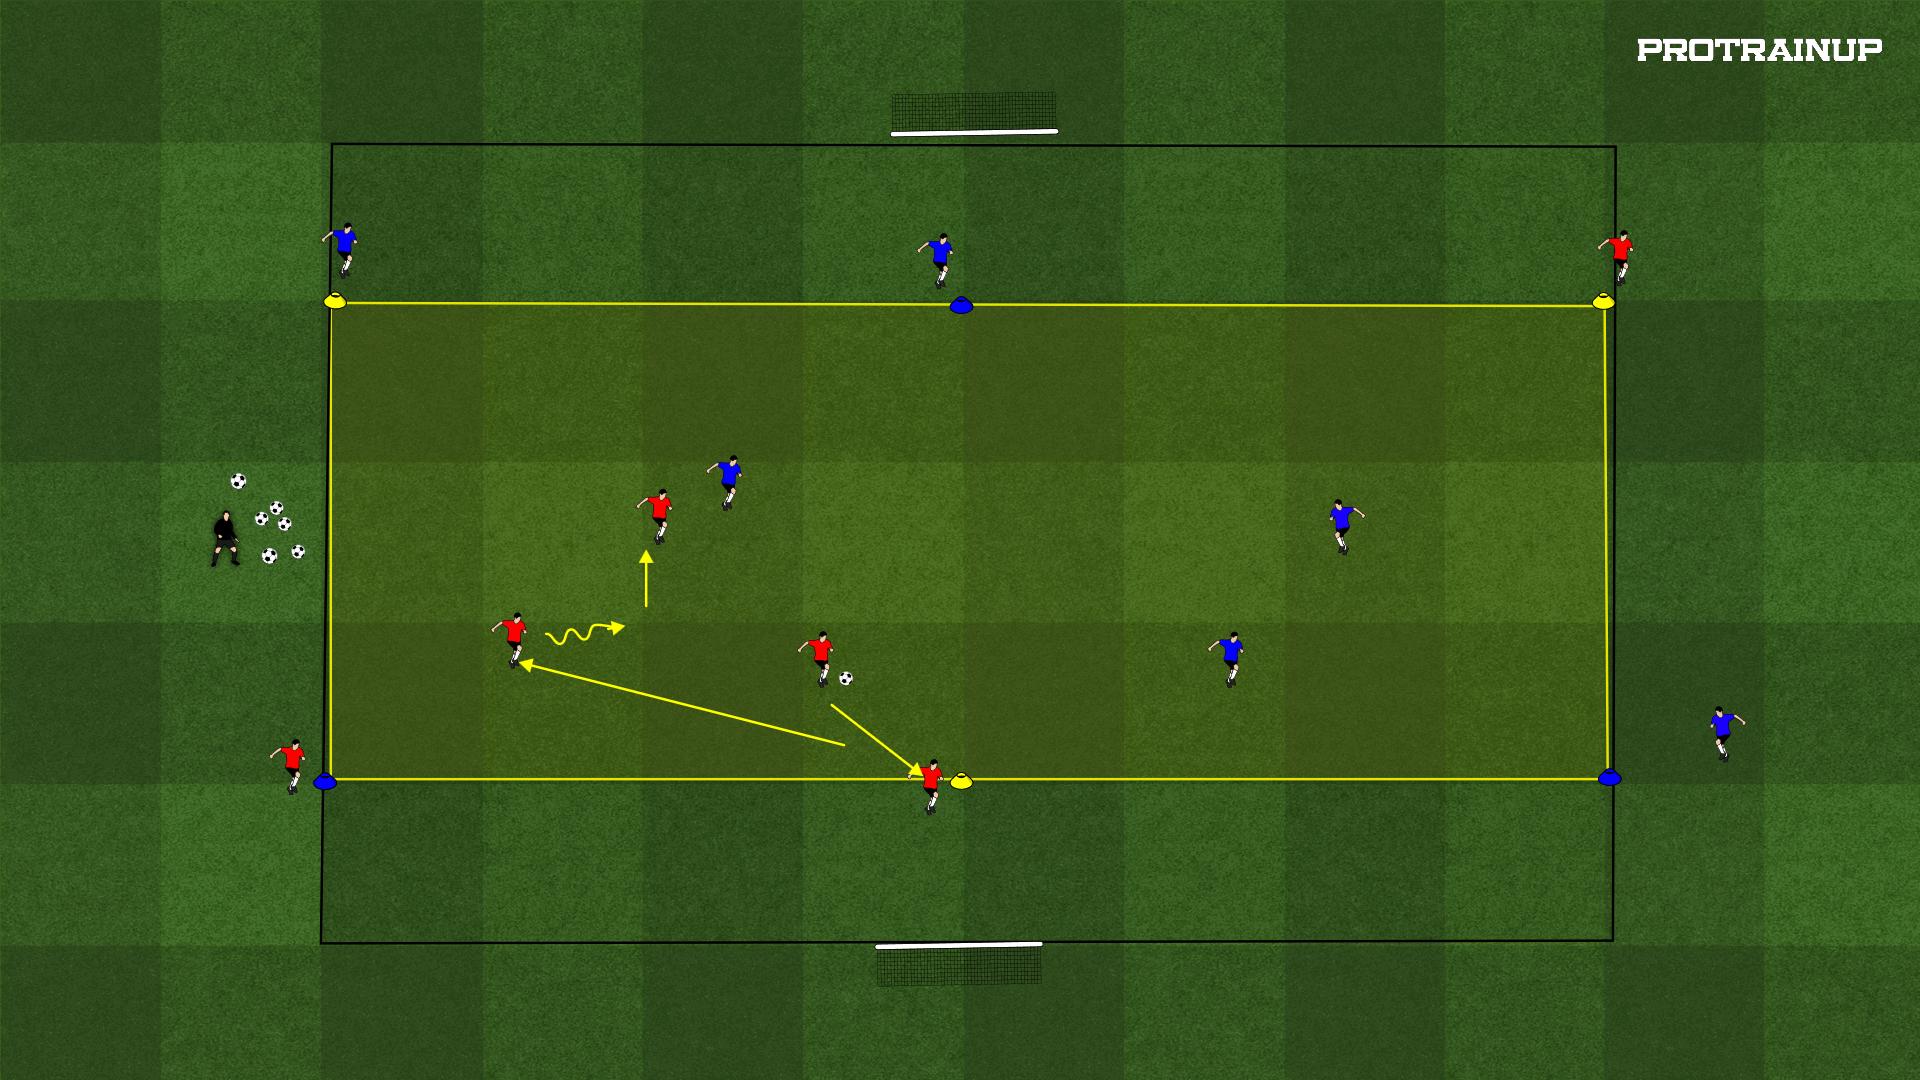 Gra na utrzymanie 3x3 z 3 zewnętrznymi